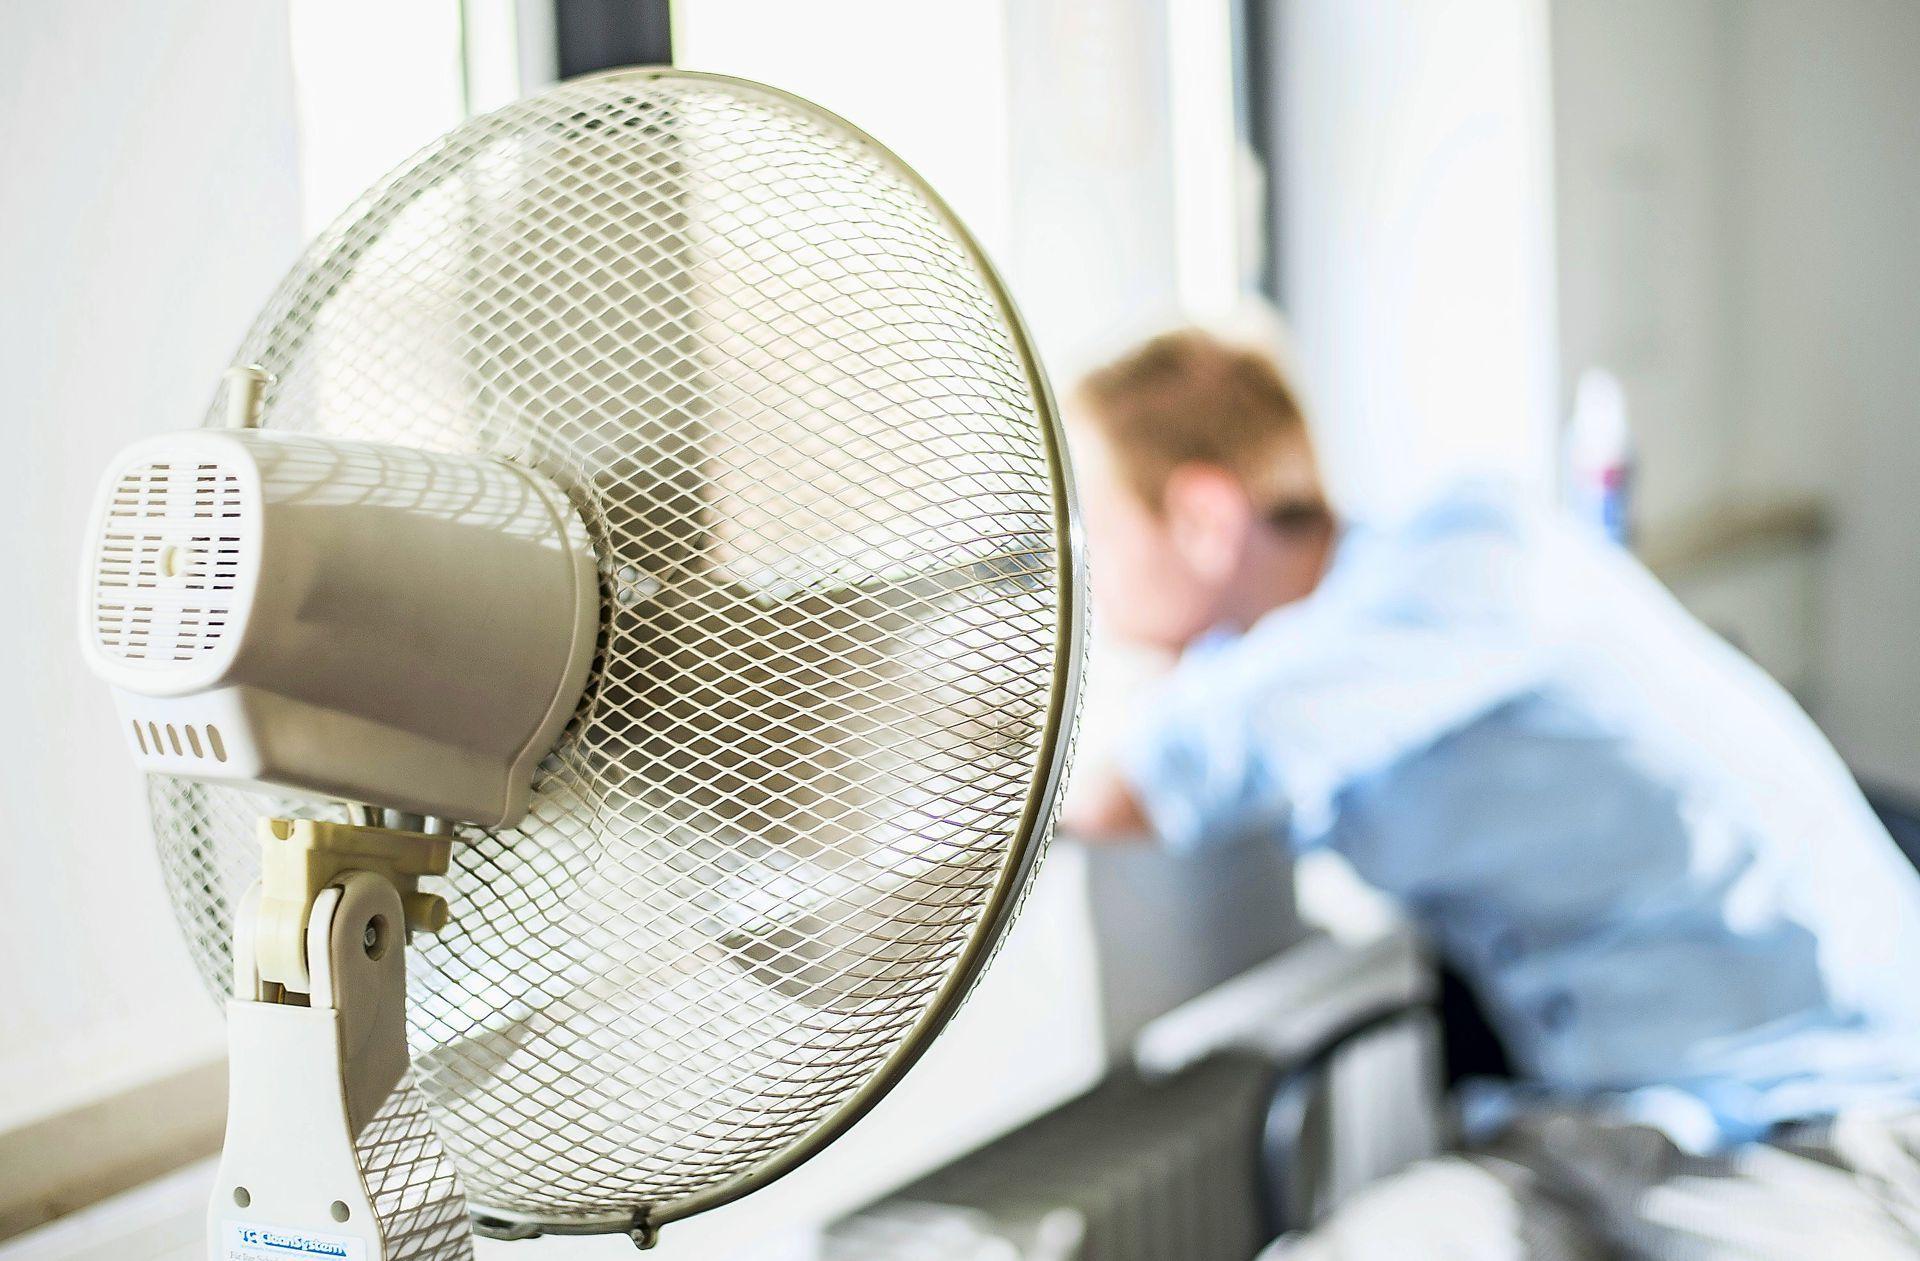 mindesttemperatur arbeitsplatz